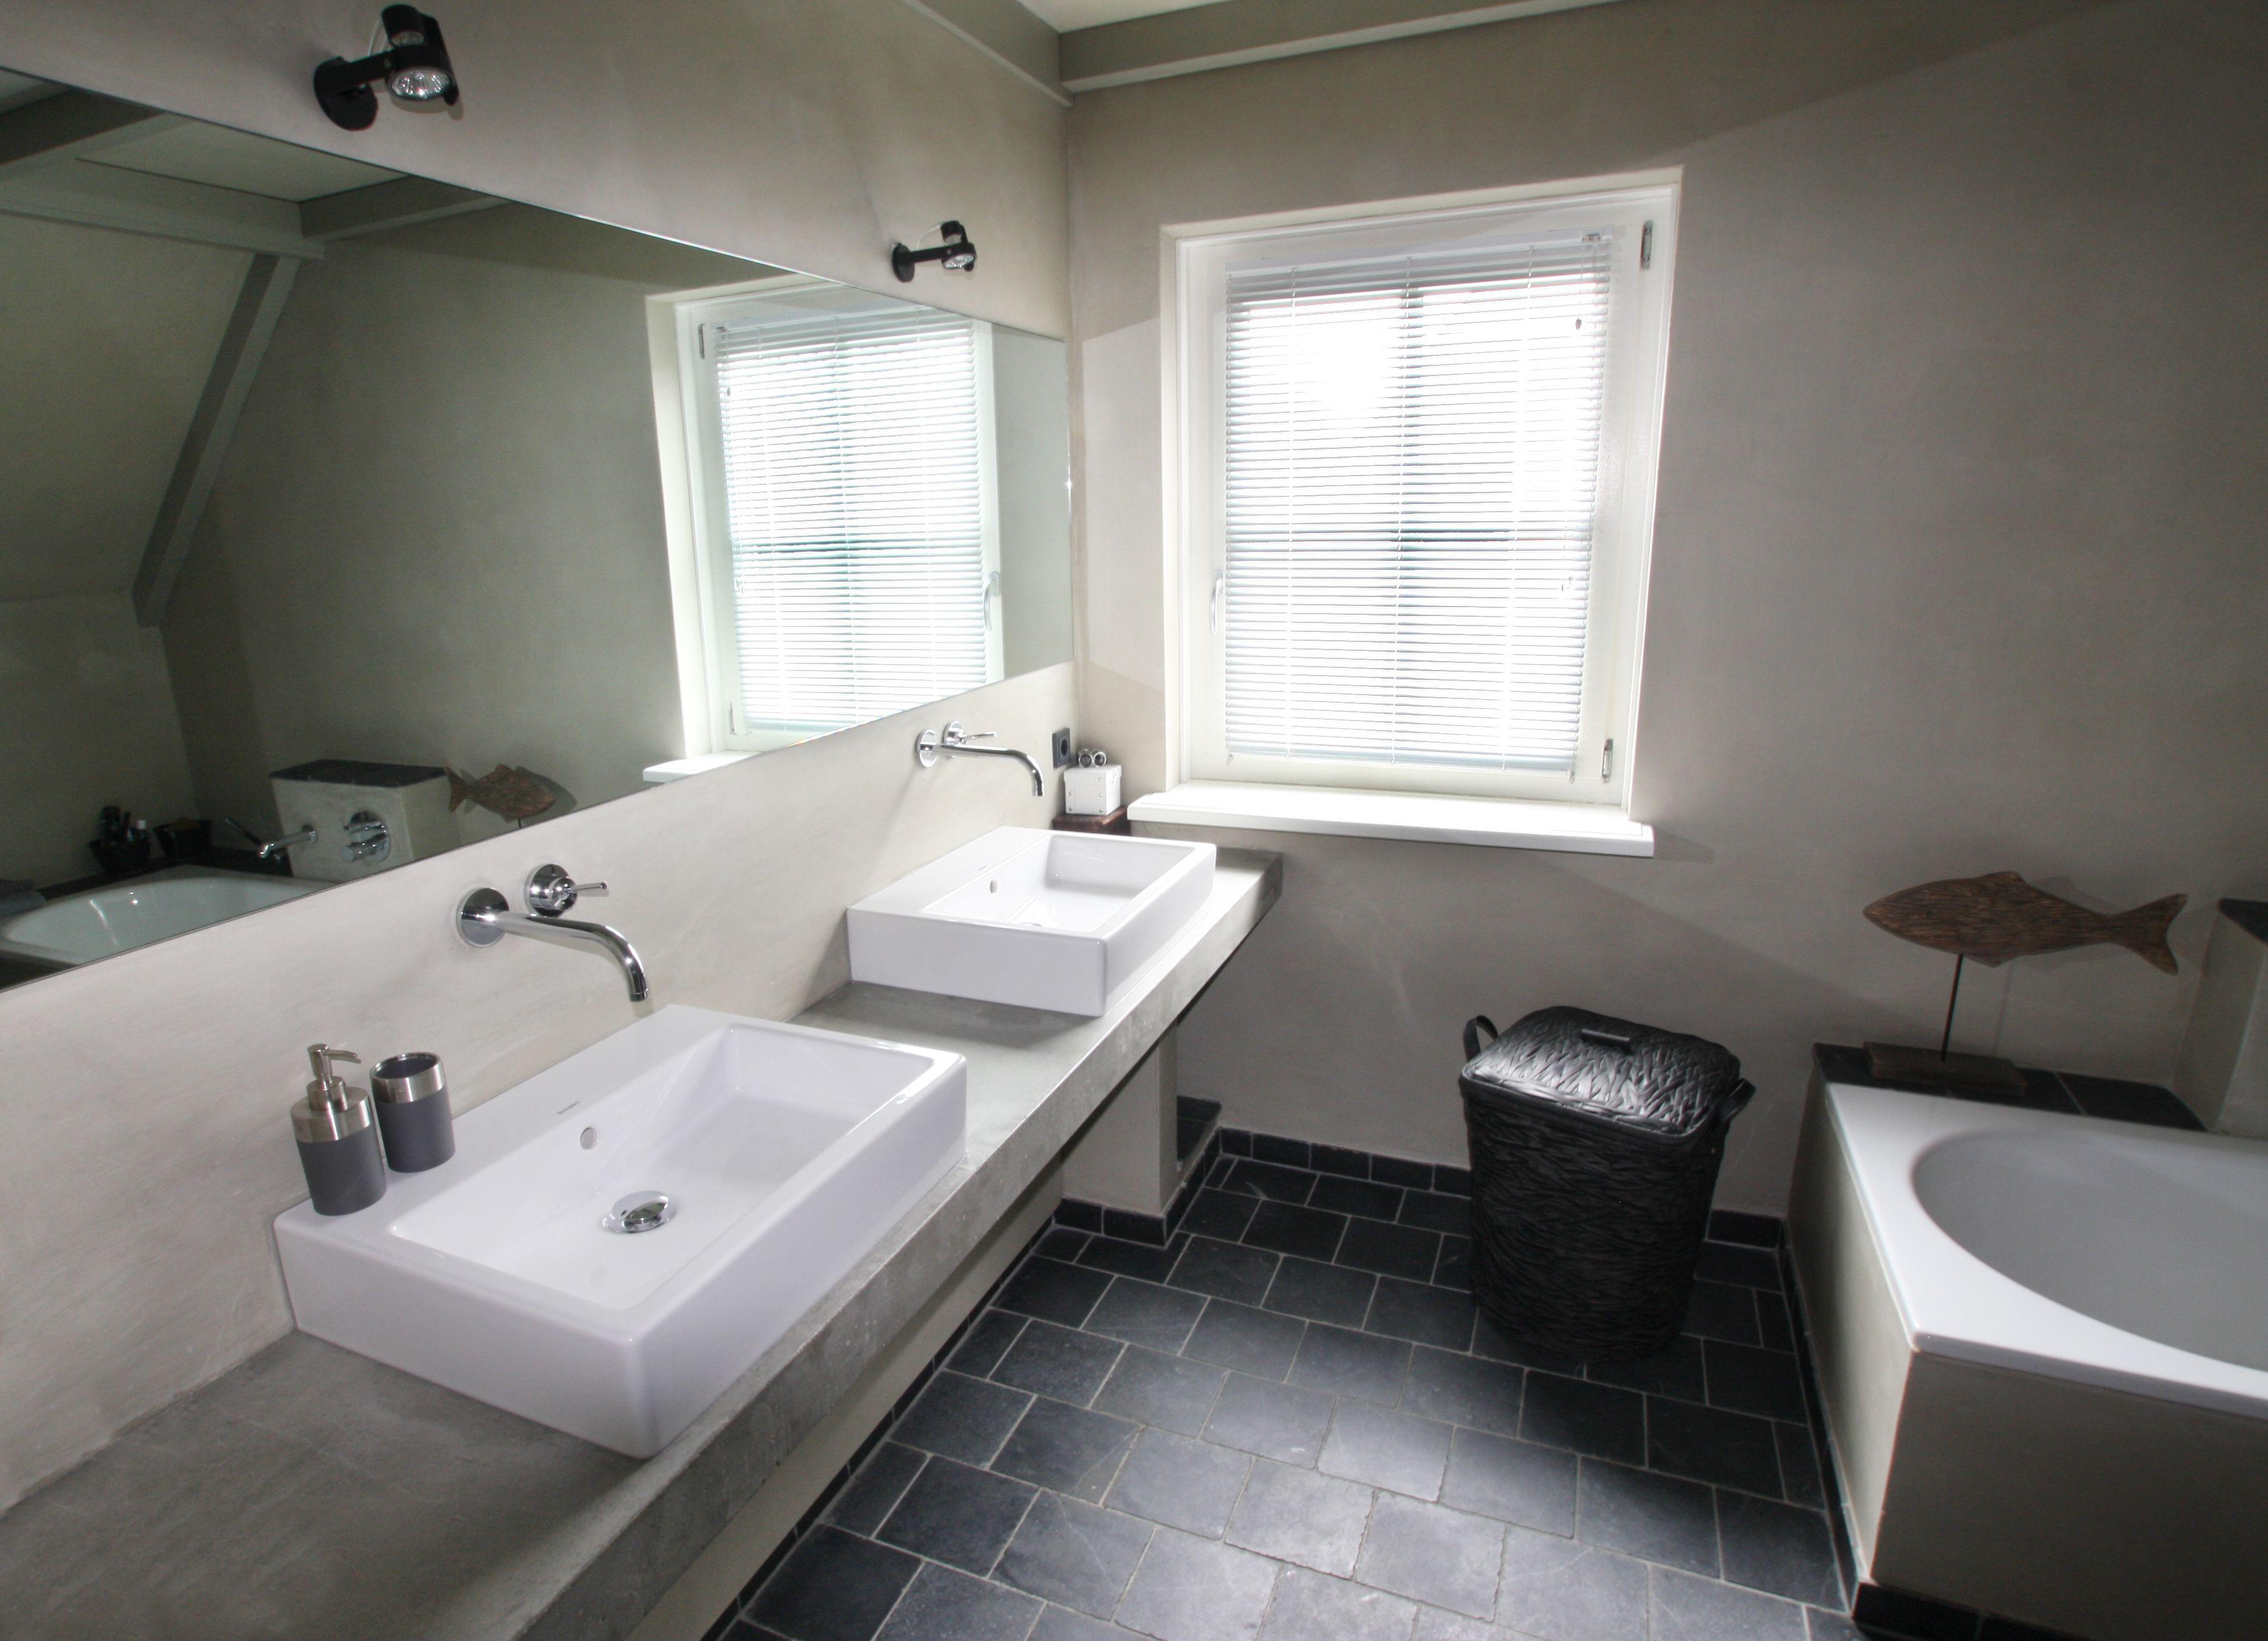 Beton Stucwerk Badkamer : Bathroom with natural colors badkamer met natuurlijke kleuren